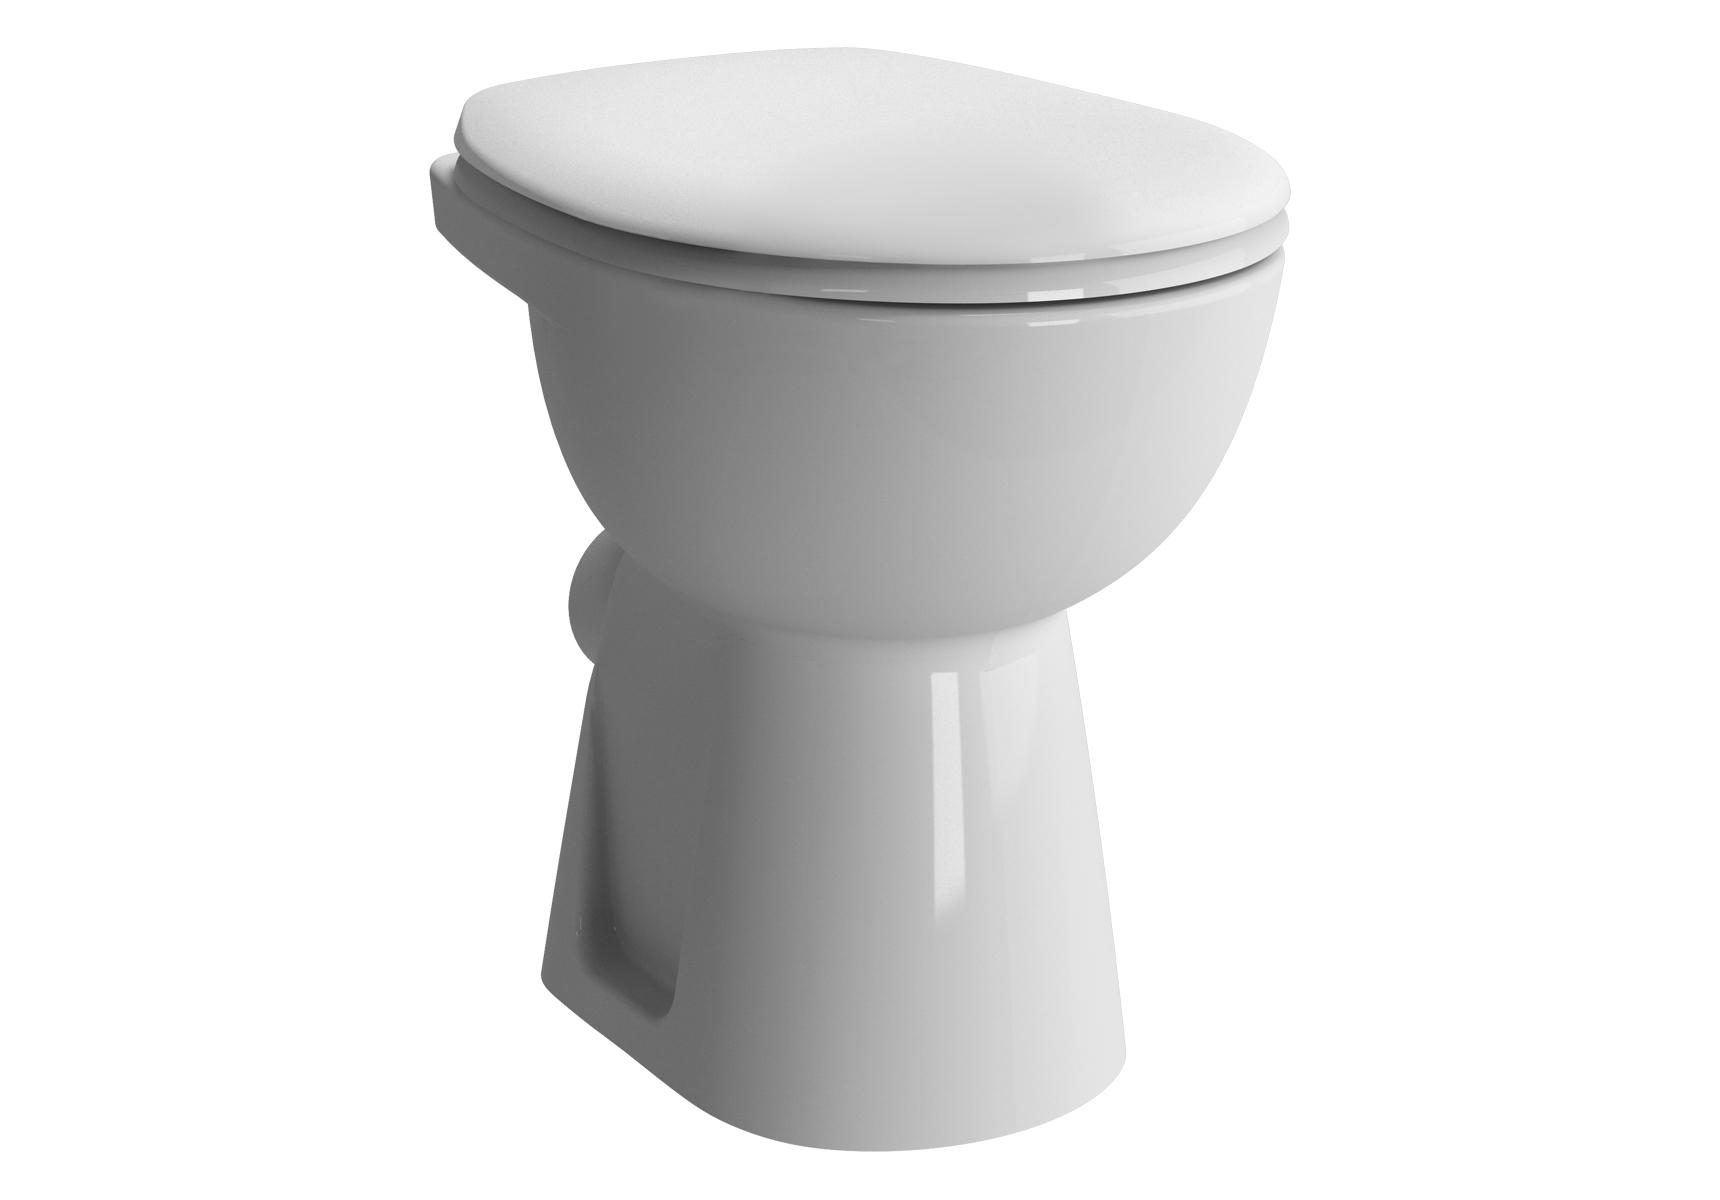 Conforma WC à poser avec bride, 48,5 cm, S / H